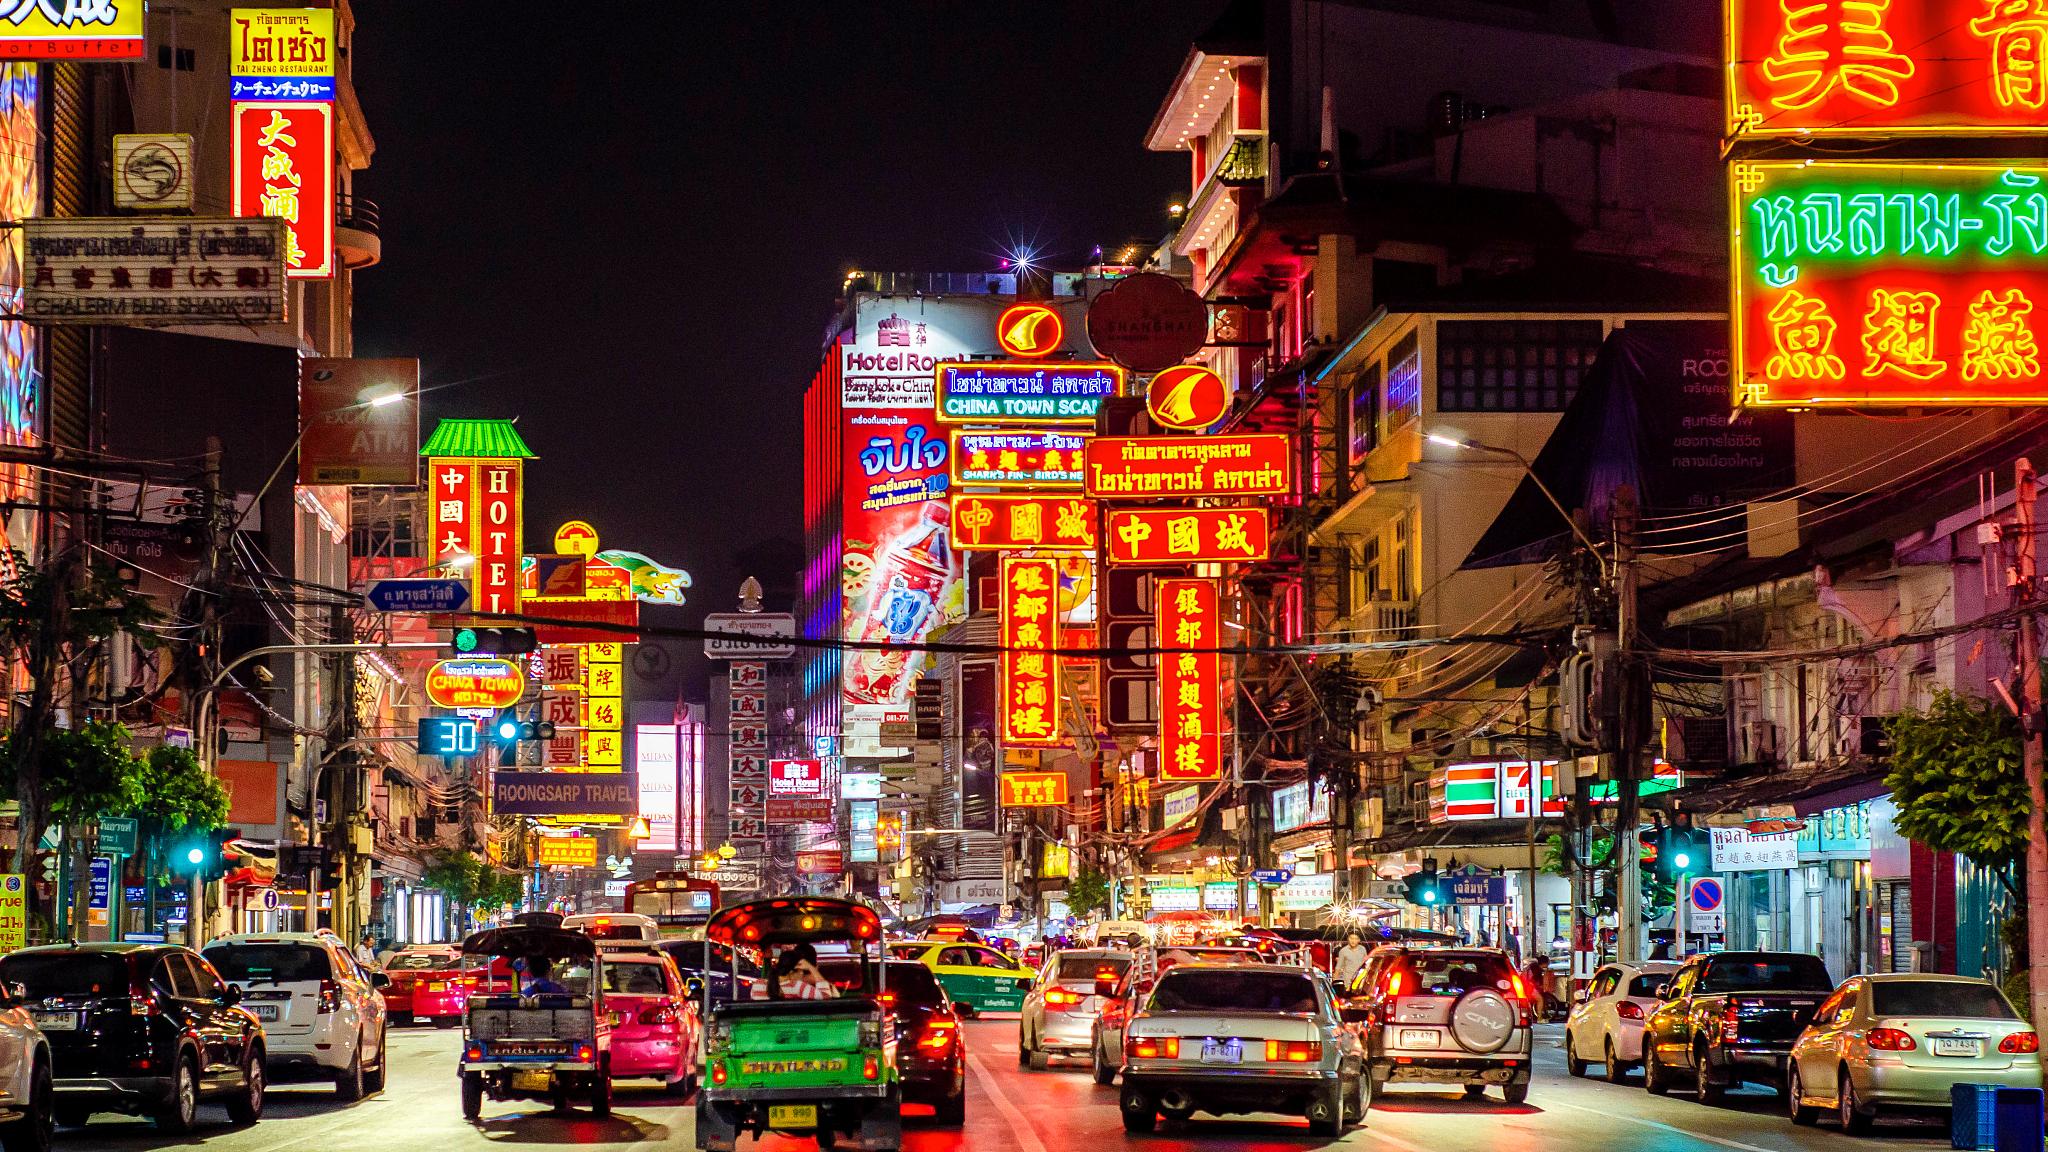 泰國曼谷丹嫩沙多水上集市+美功鐵道市場+唐人街+碼頭夜市一日遊